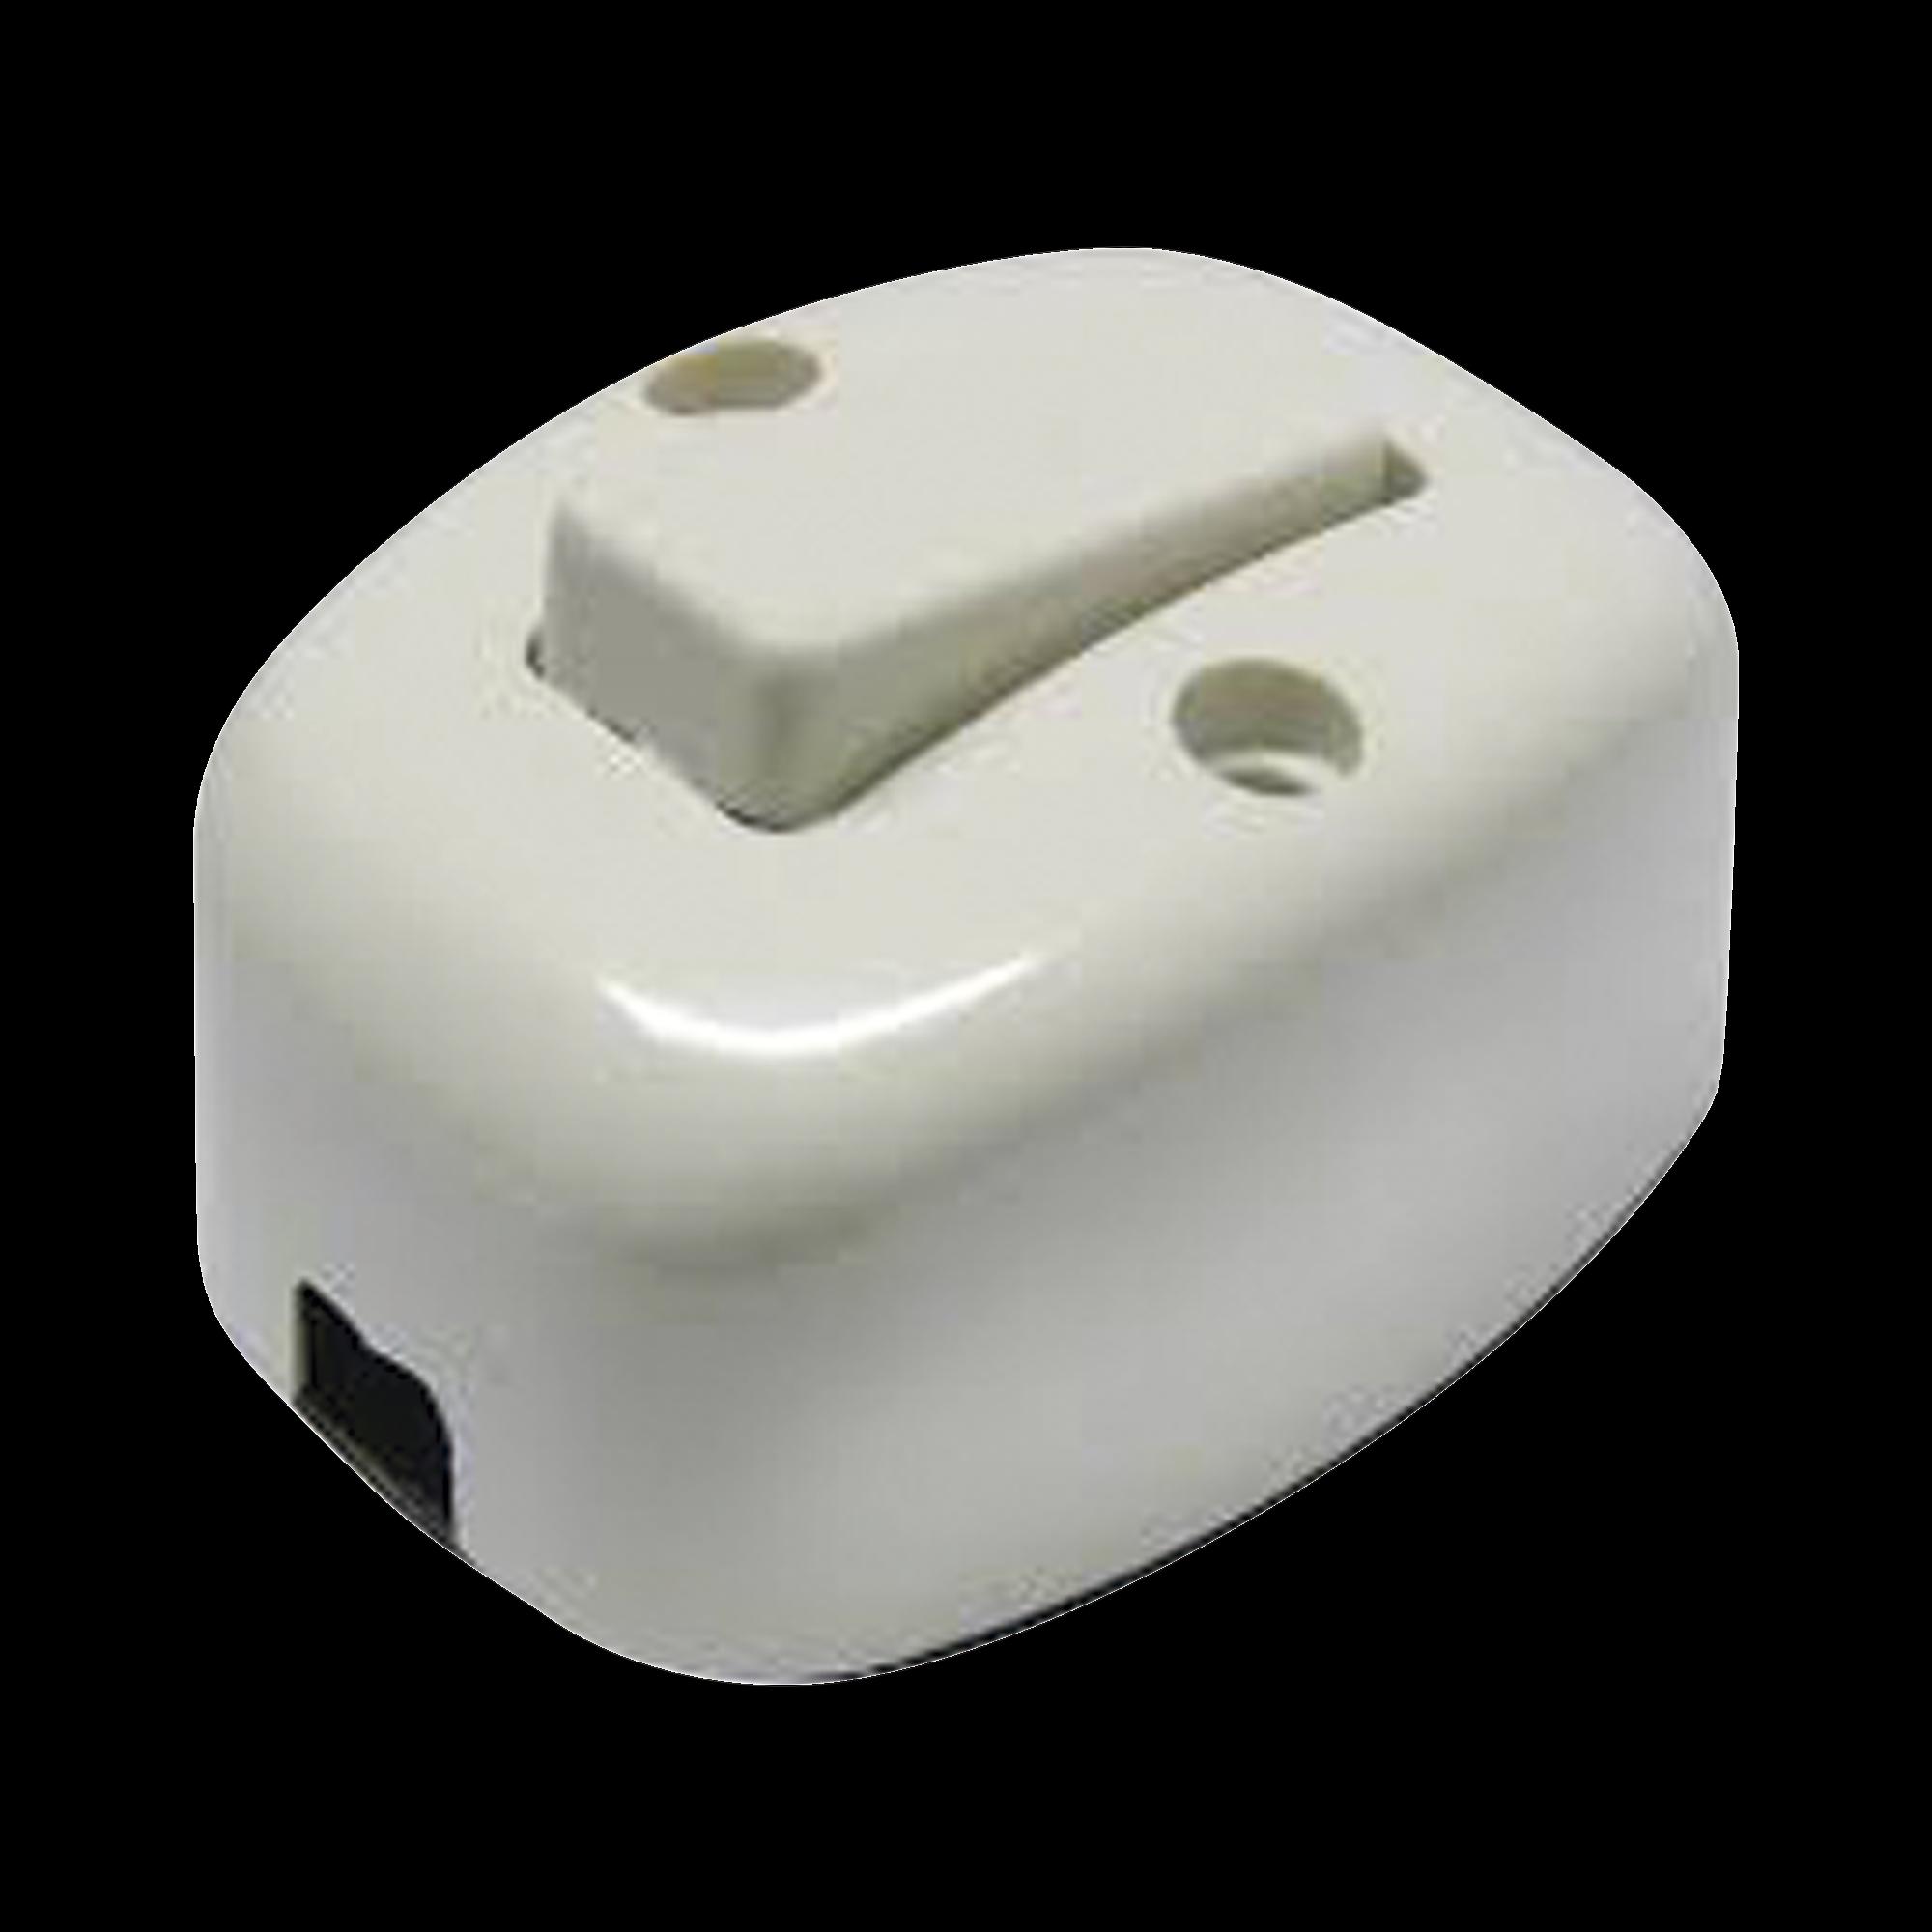 Apagador sencillo visible de baquelita oval 6 Amp  incluye tornillos y bases de instalación.